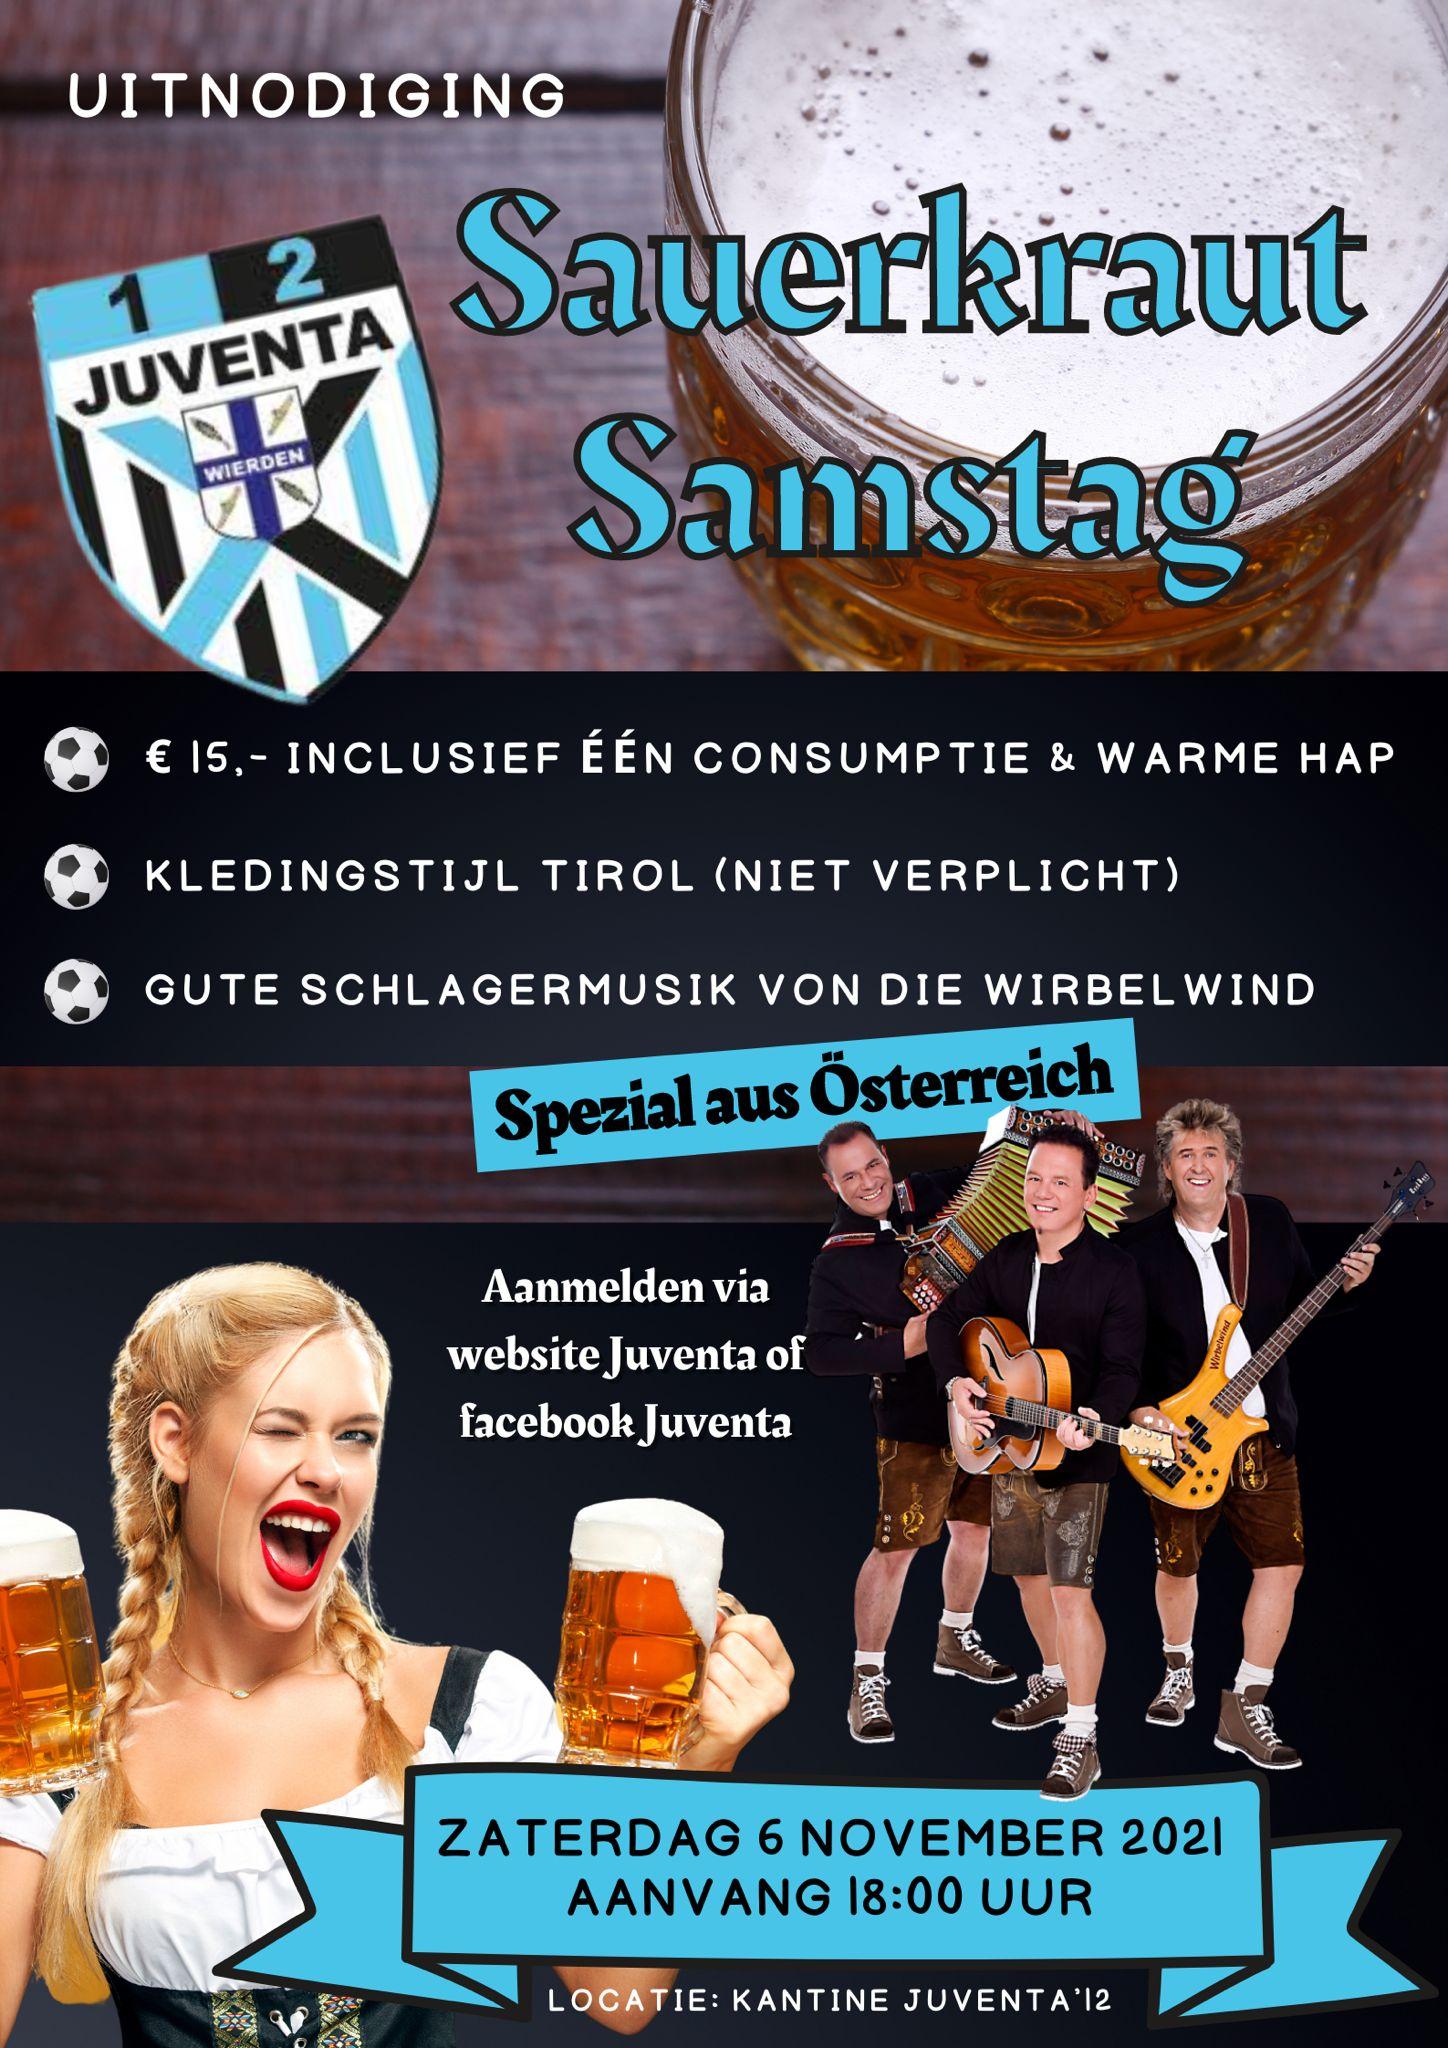 Sauerkraut Samstag!